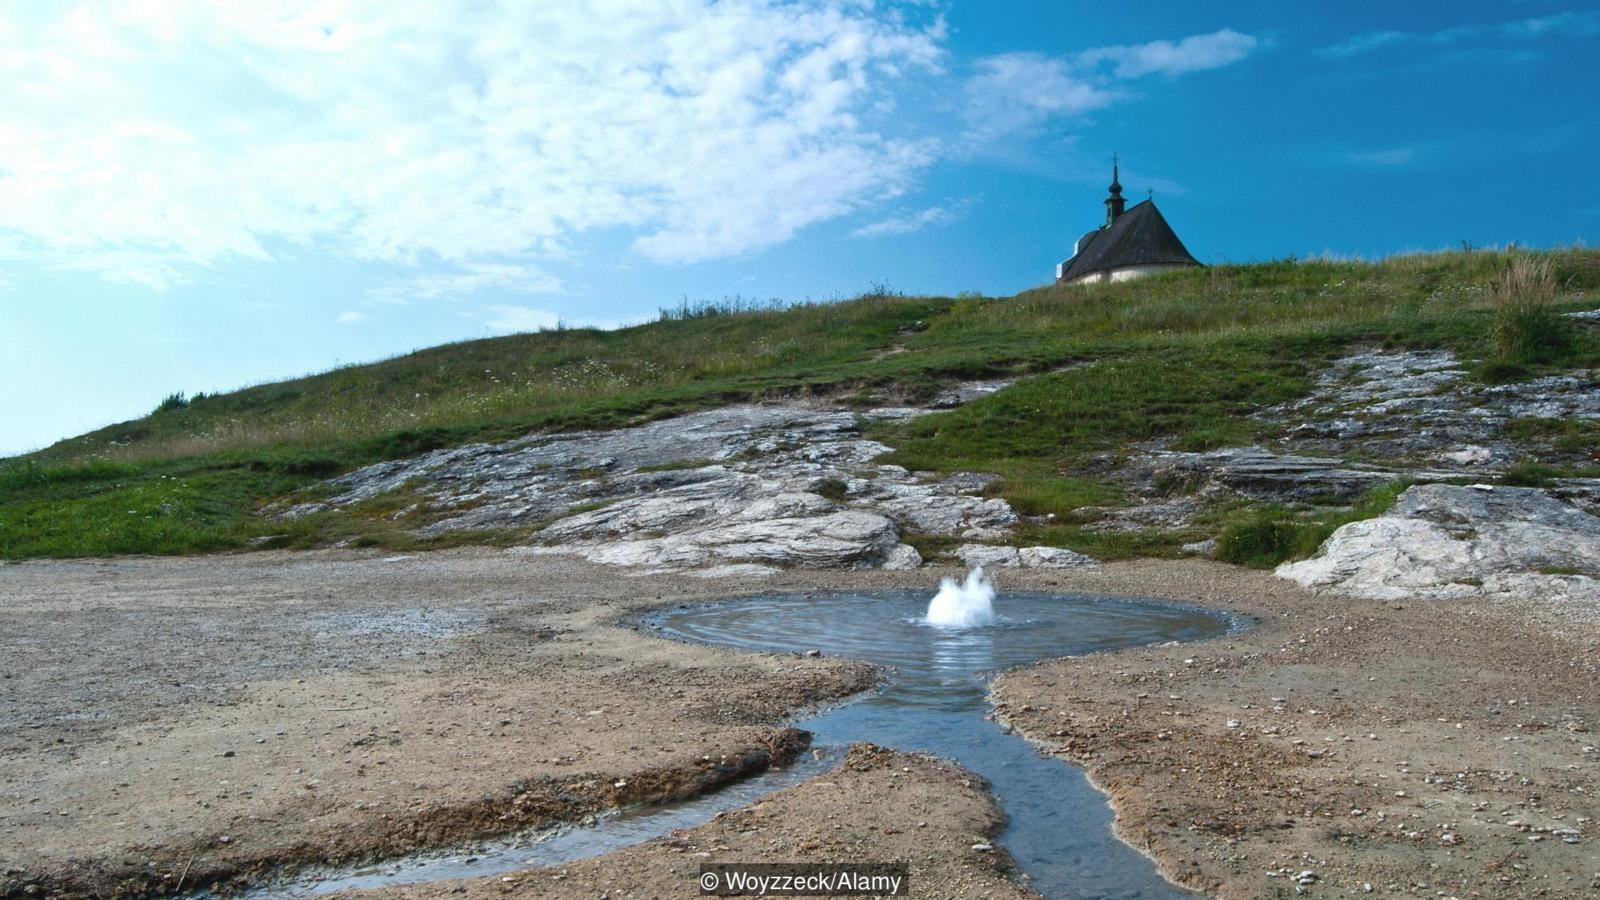 Норвегия В этой скандинавской стране существуют специальные законы, касающиеся исключительно природы